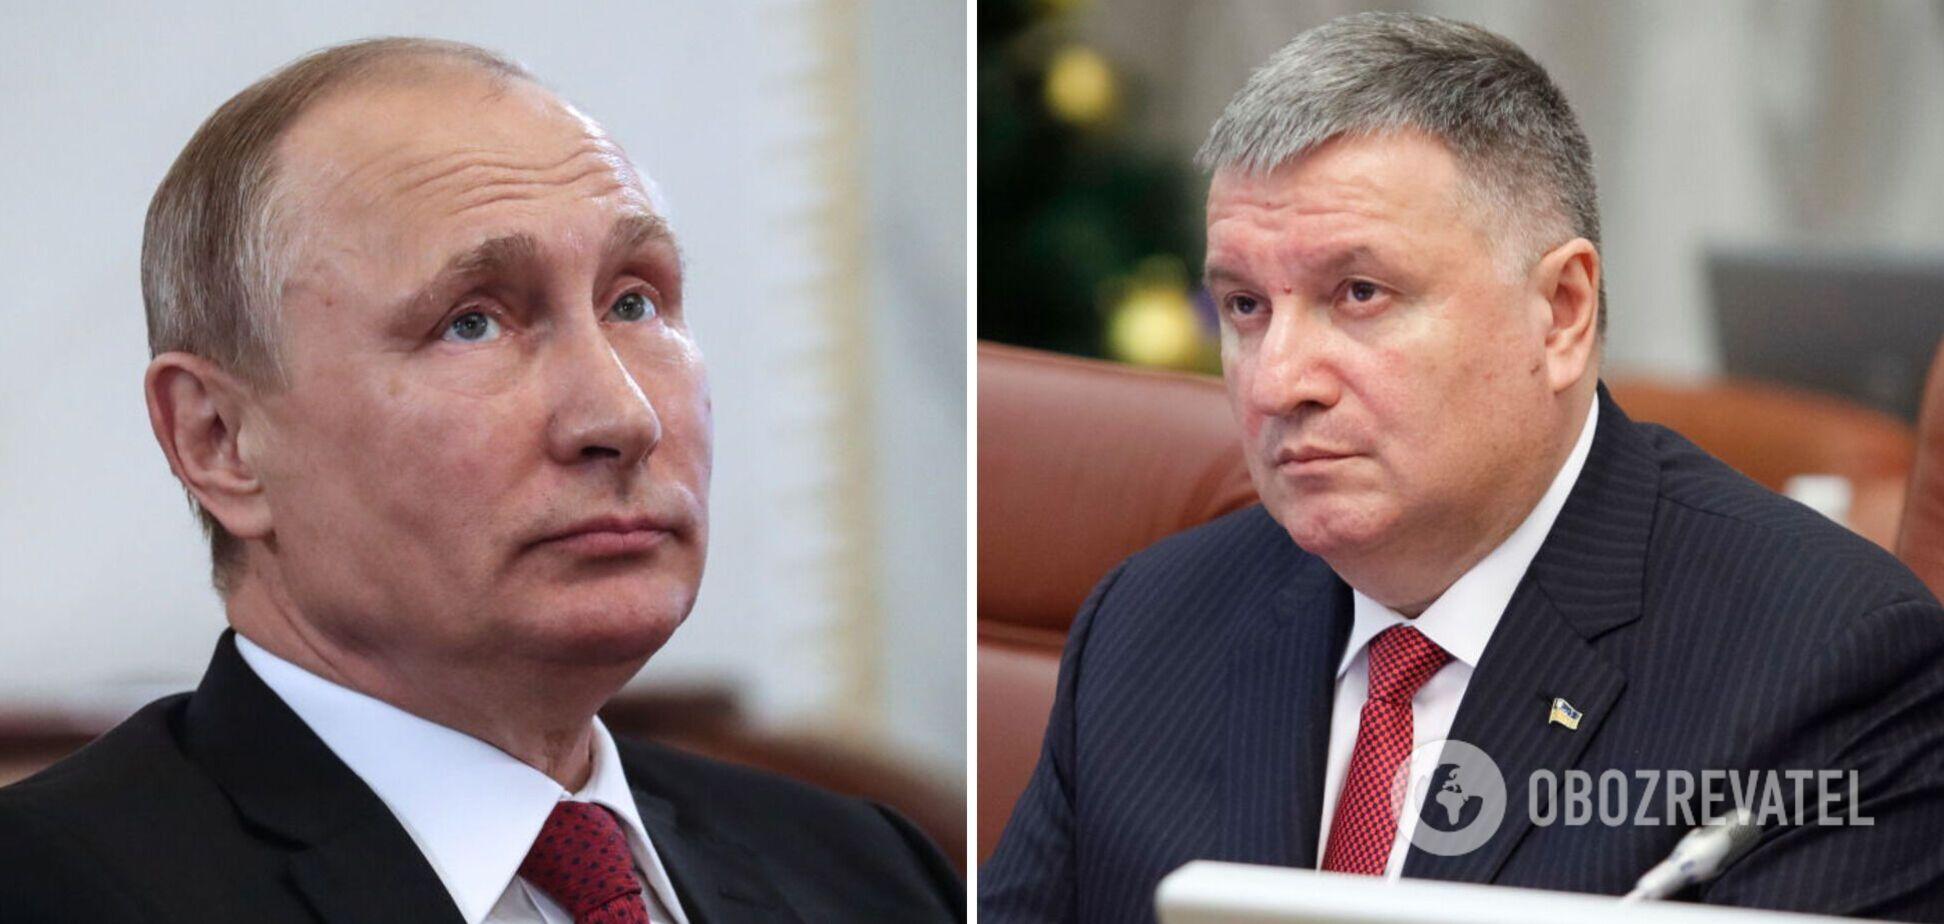 Глава МВД Арсен Аваков рассказал о встрече с президентом РФ Владимиром Путиным